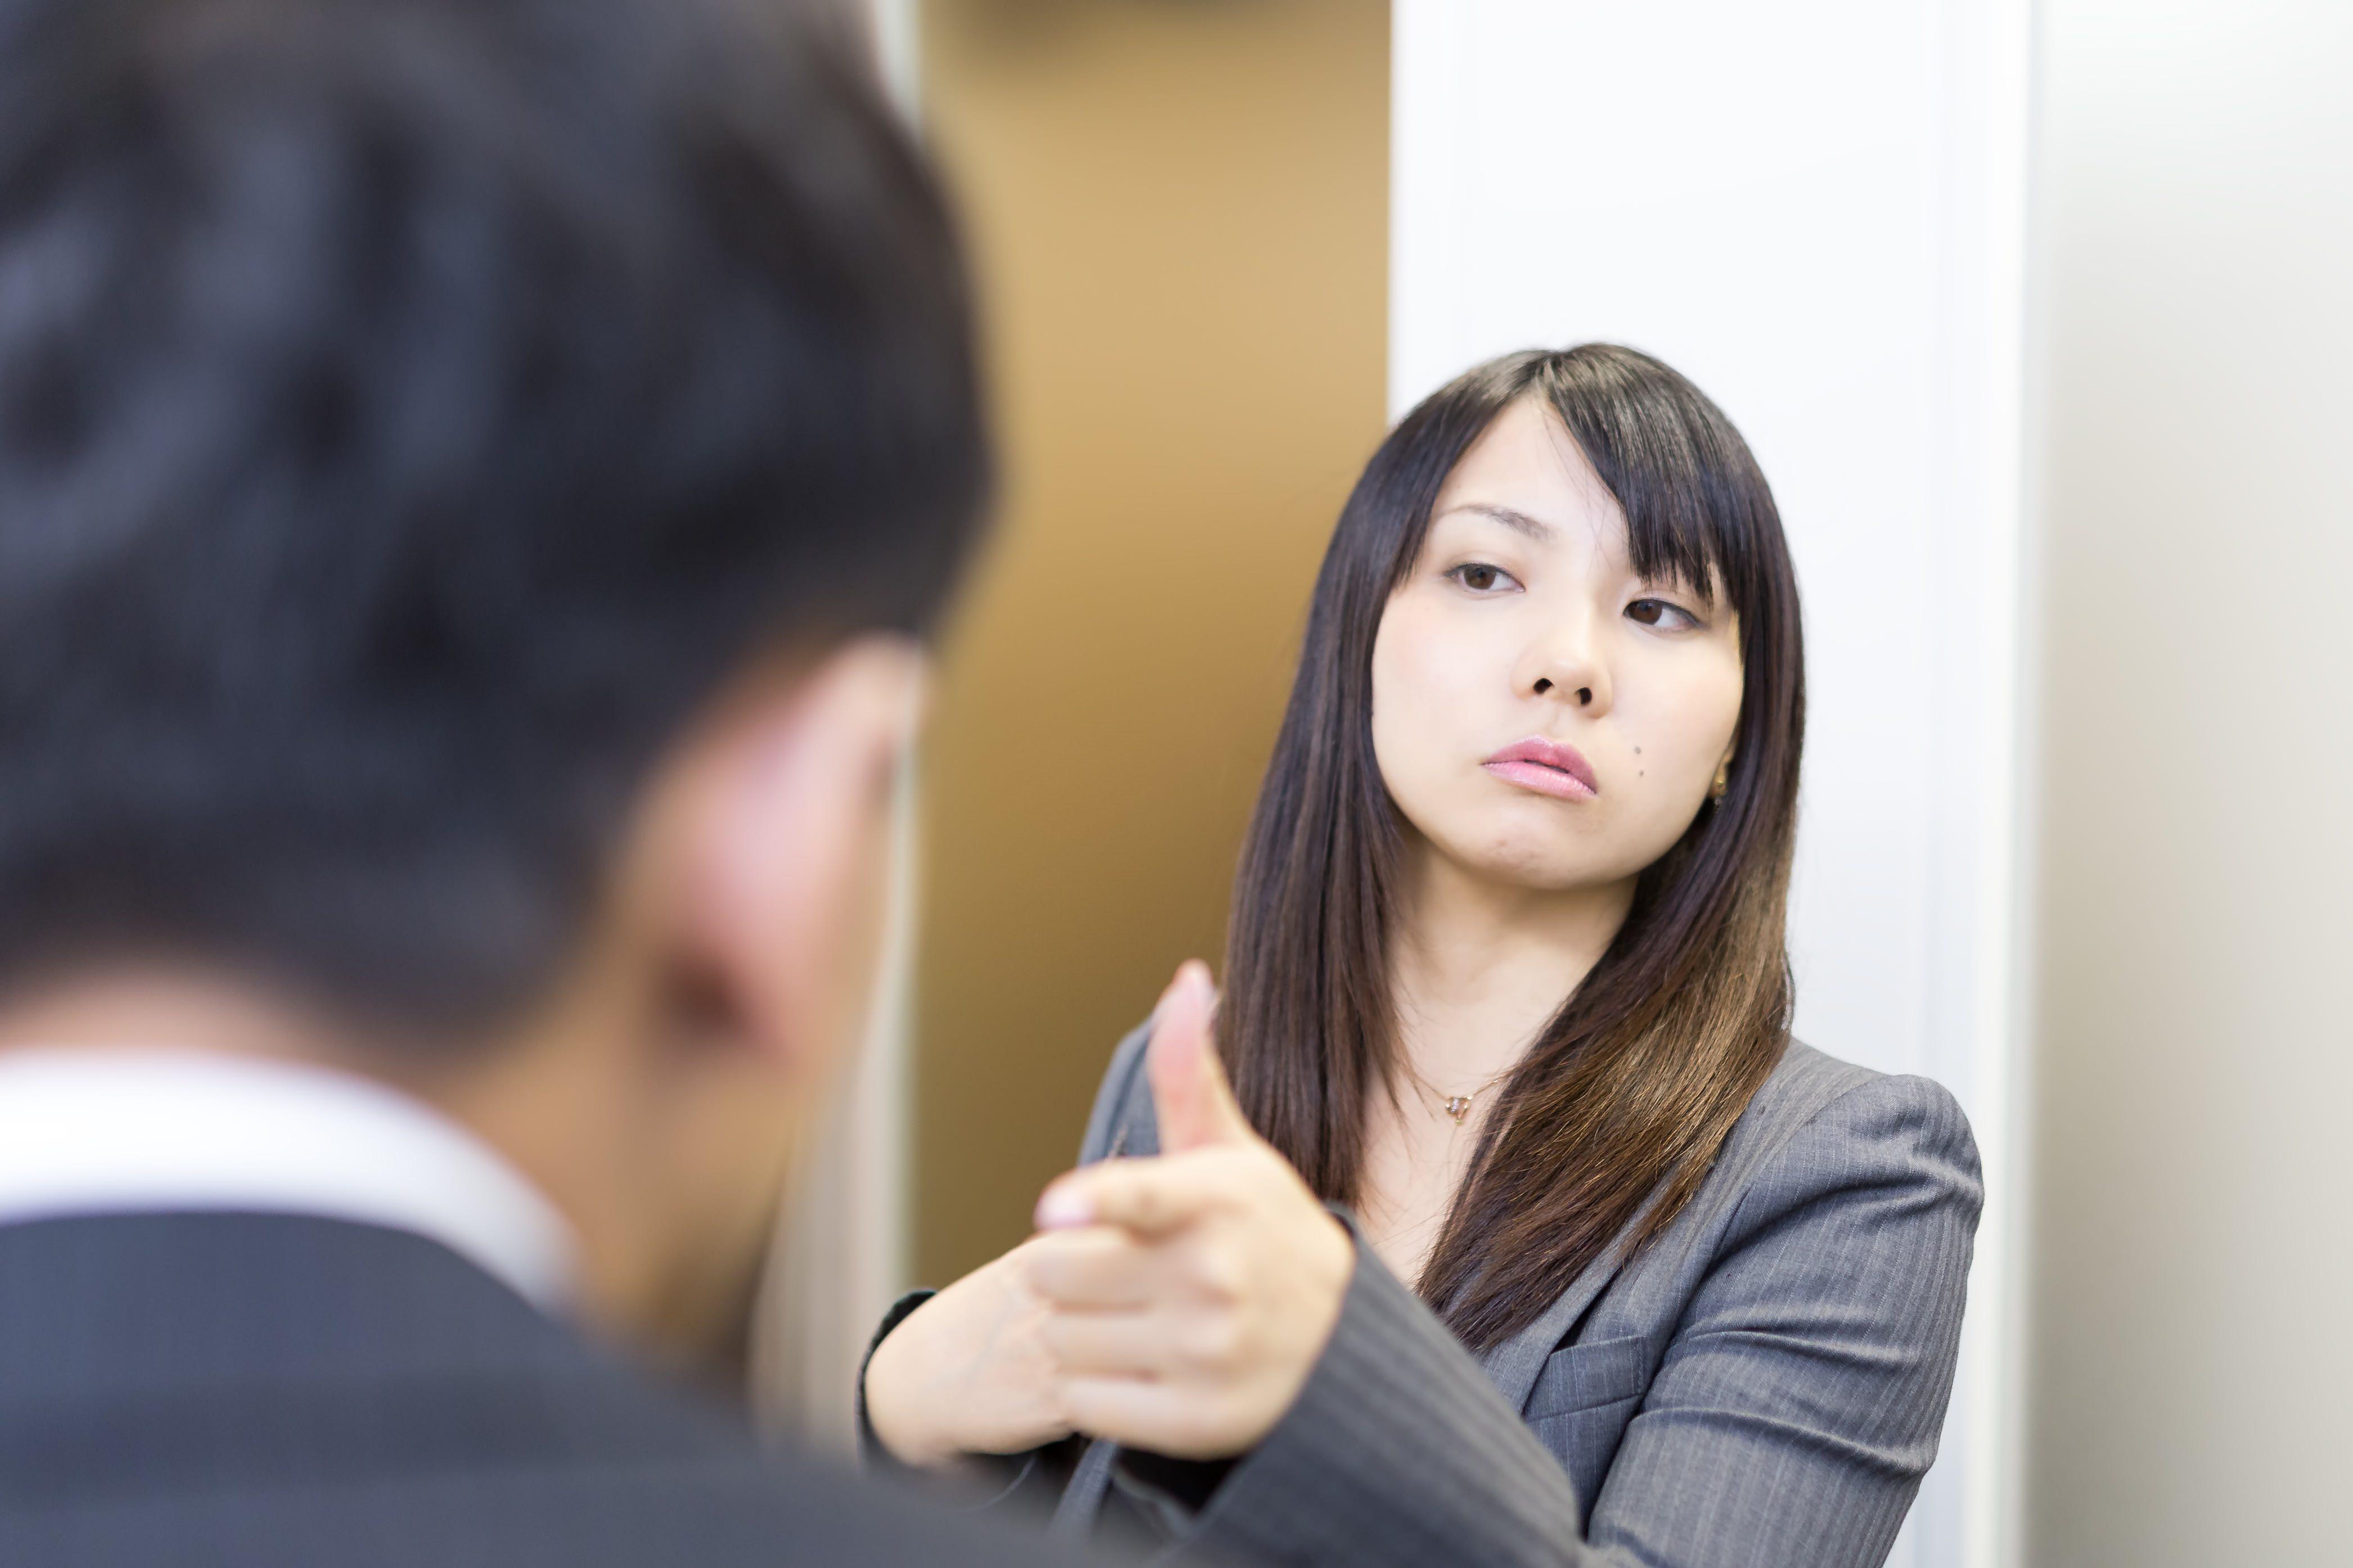 """alt=""""指摘する女性"""">"""